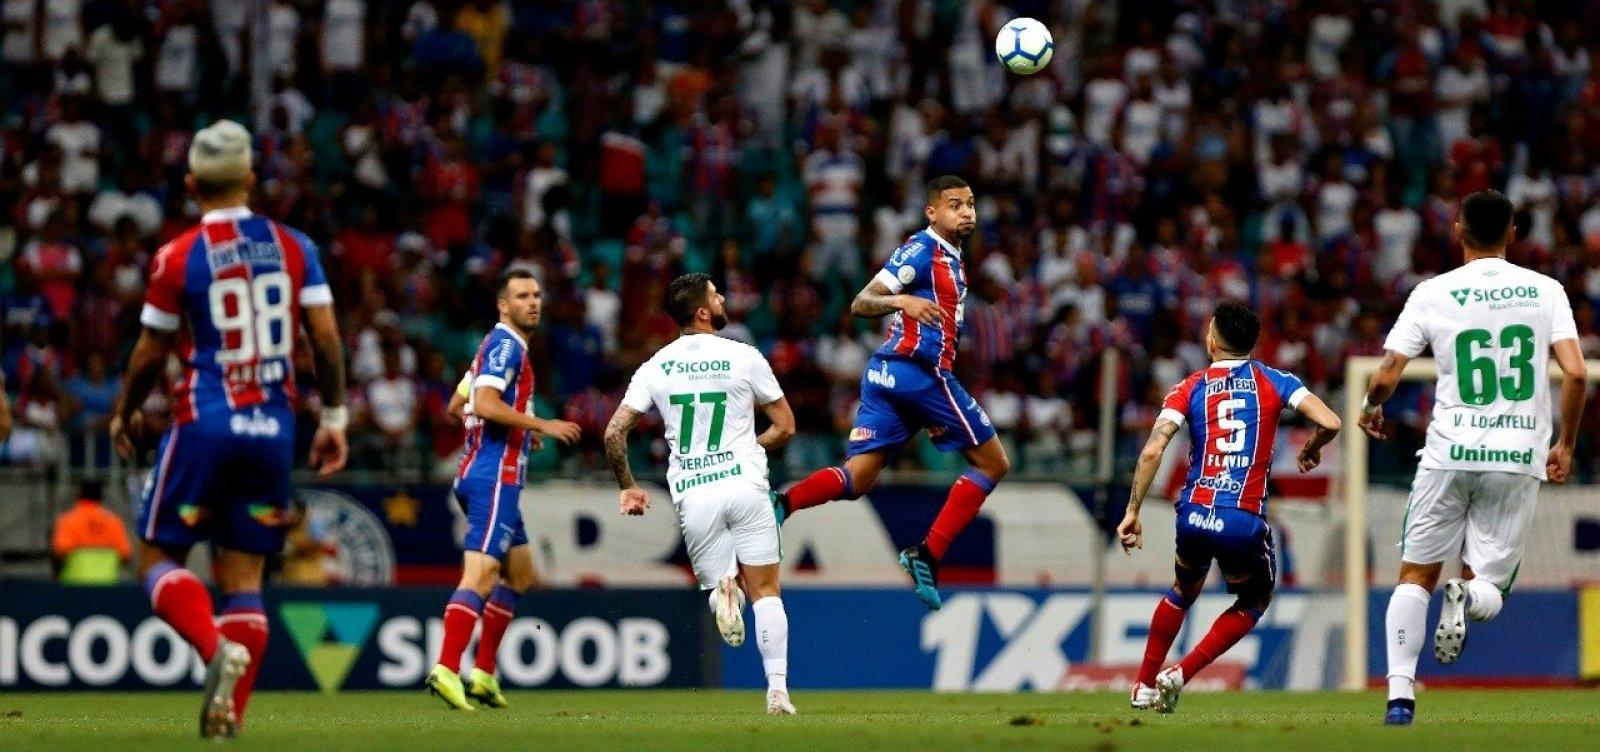 Sob vaias, Bahia só empata com a Chapecoense em 1 a 1 na Fonte Nova